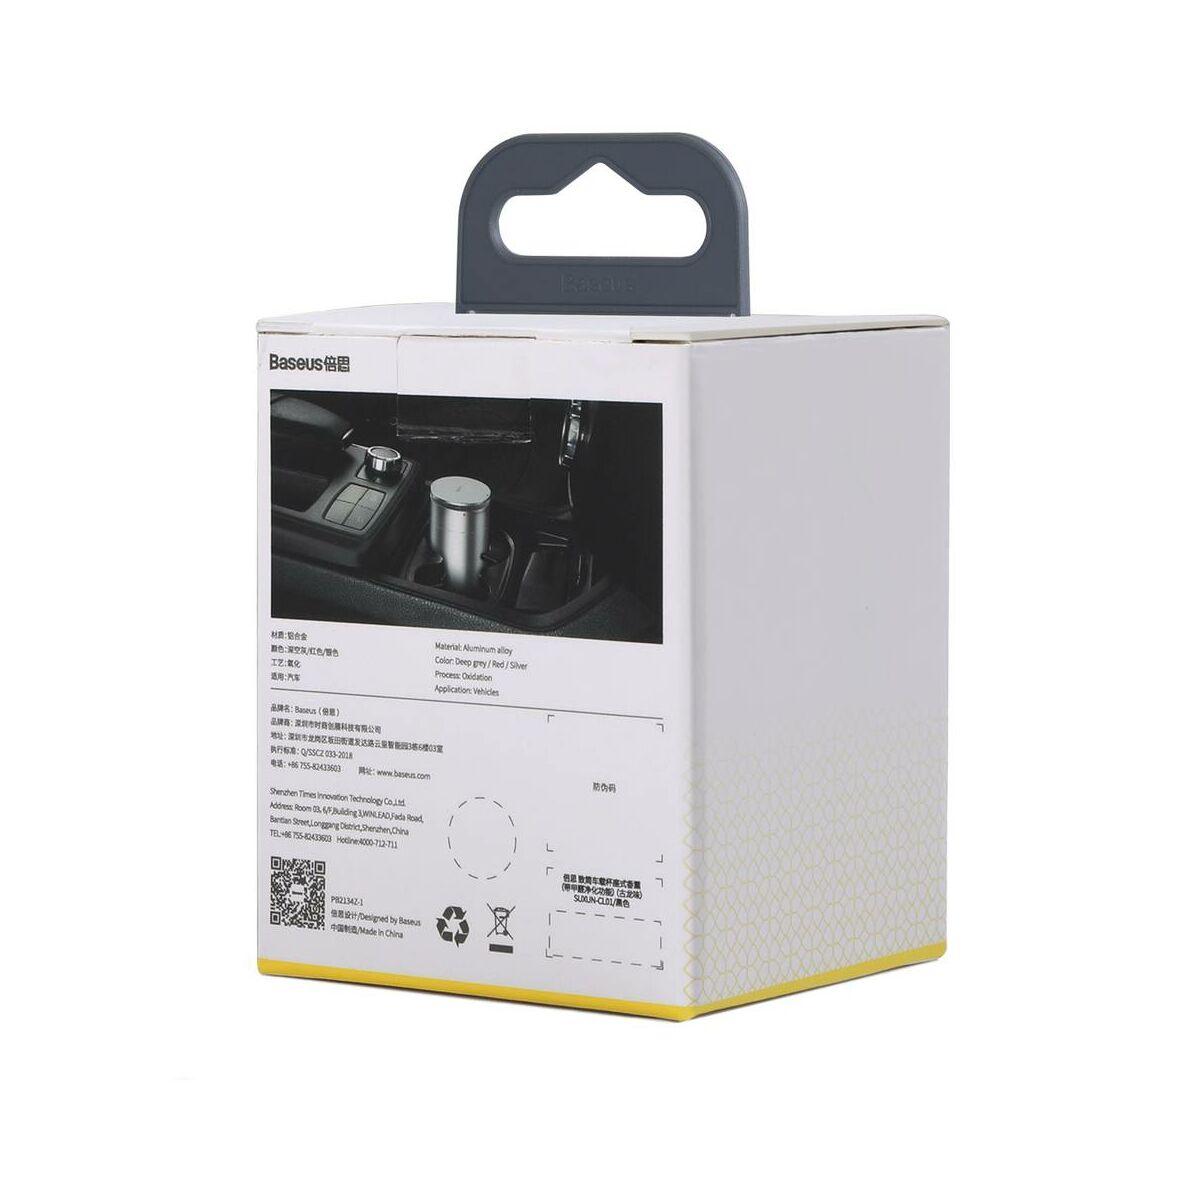 Baseus autós kiegészítő, Minimalist pohártartóba való légfrissítő, Ocean illattal (Formaldehydes tisztító funkció), ezüst (SUXUN-CE0S)